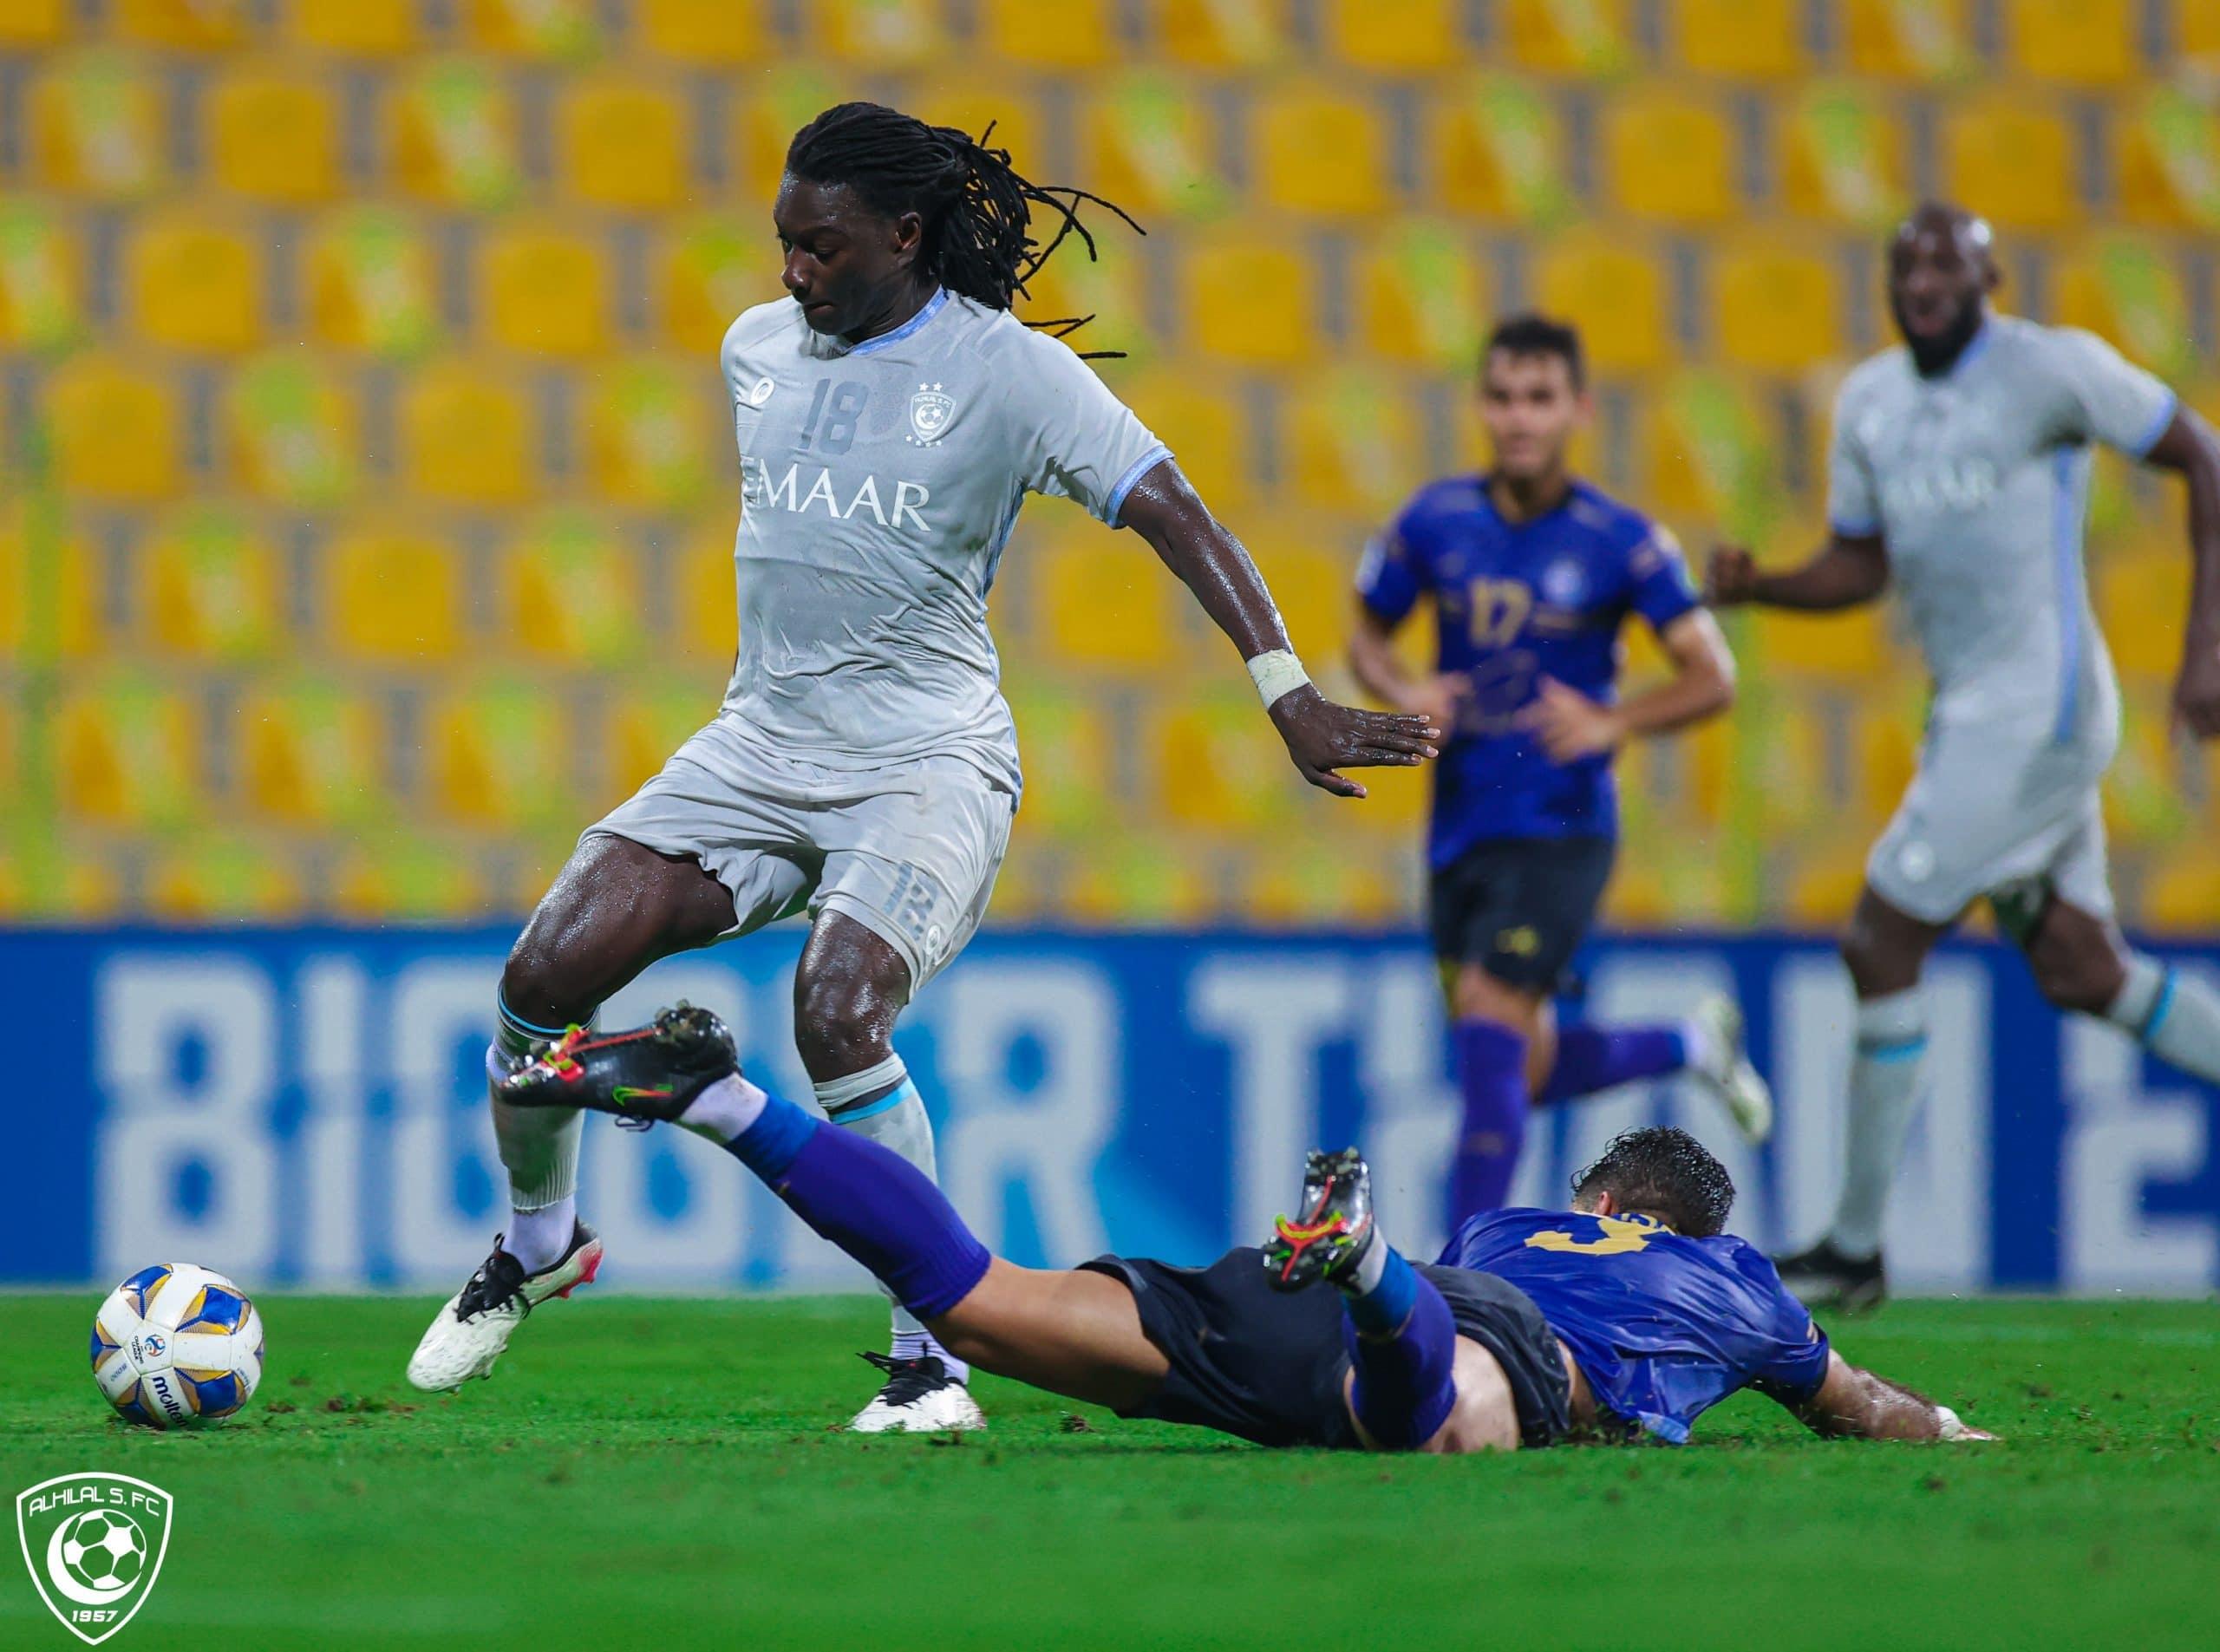 الهلال السعودي يدك شباك استقلال طهران بالثنائية ويتأهل في دوري أبطال آسيا (شاهد)